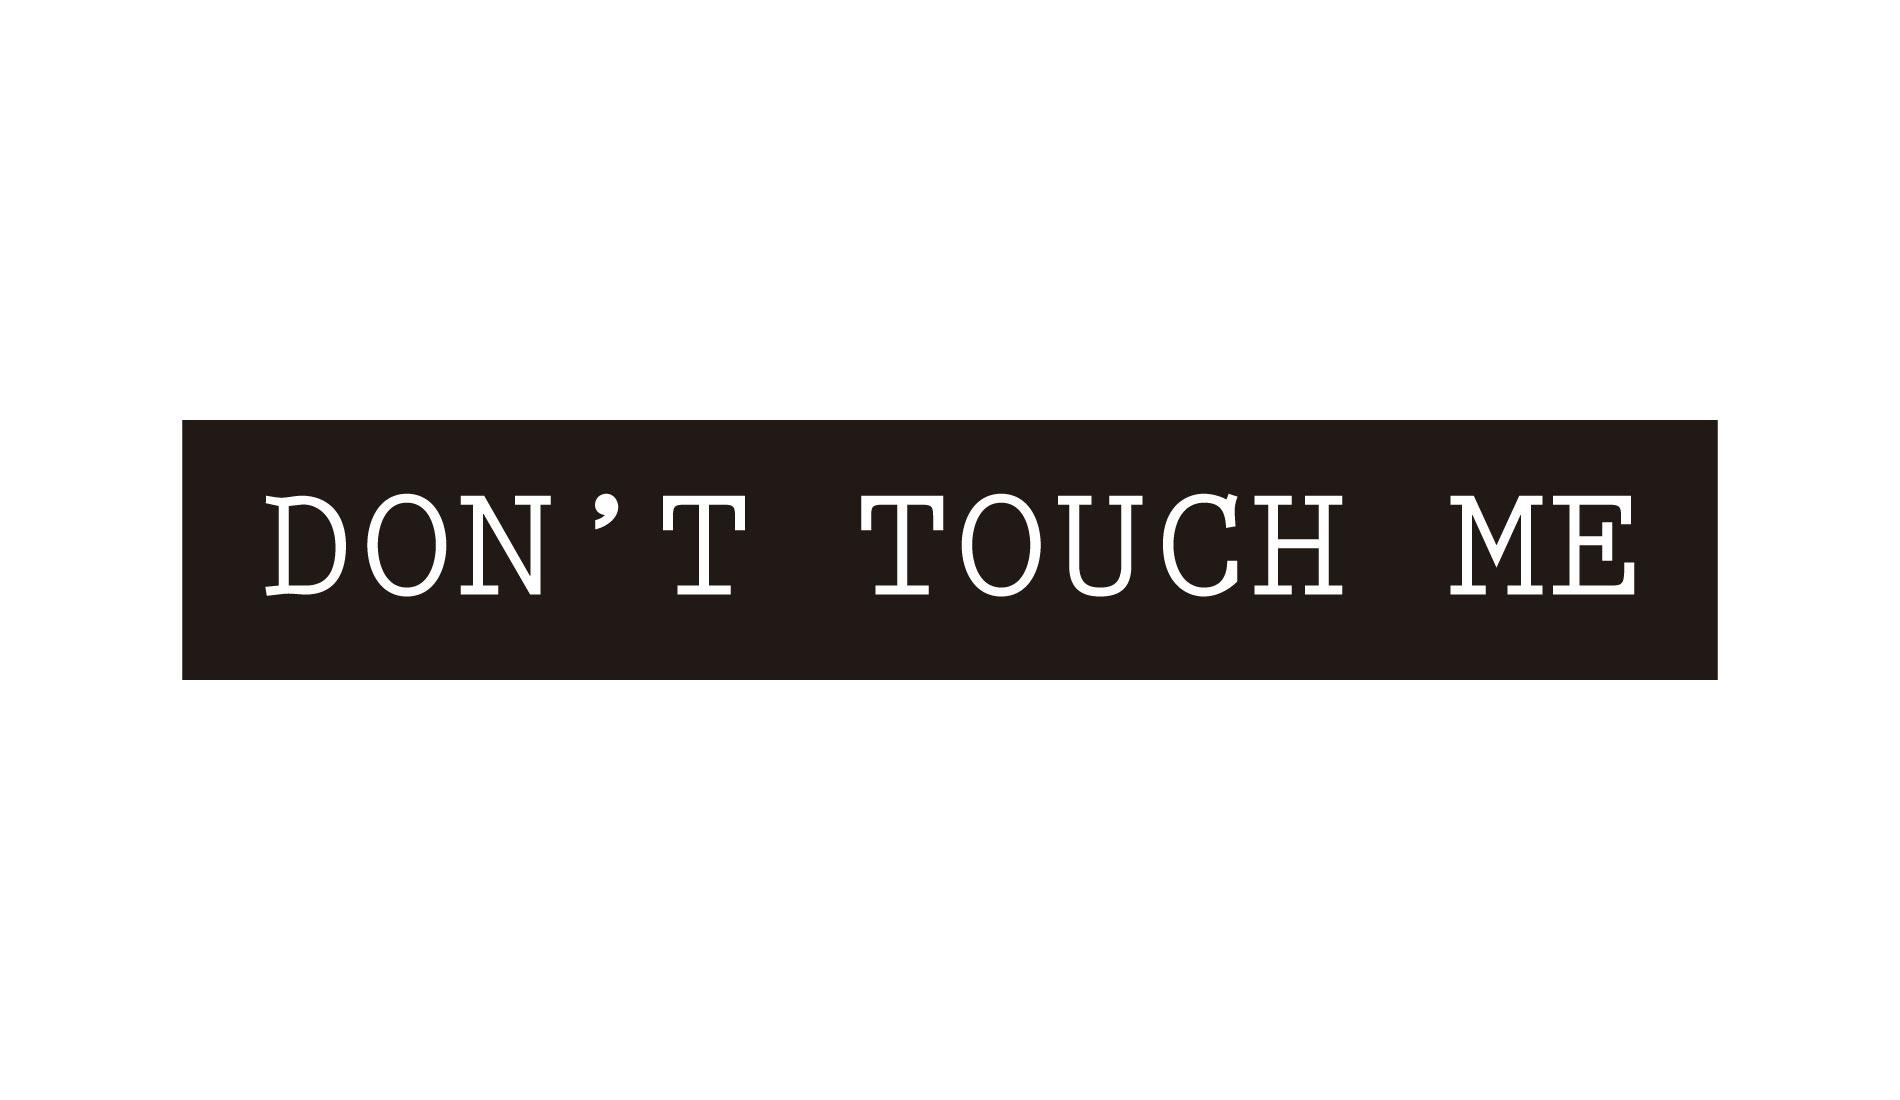 Don't Touch Me, camisetas com frase da Rockfella coleção Society.